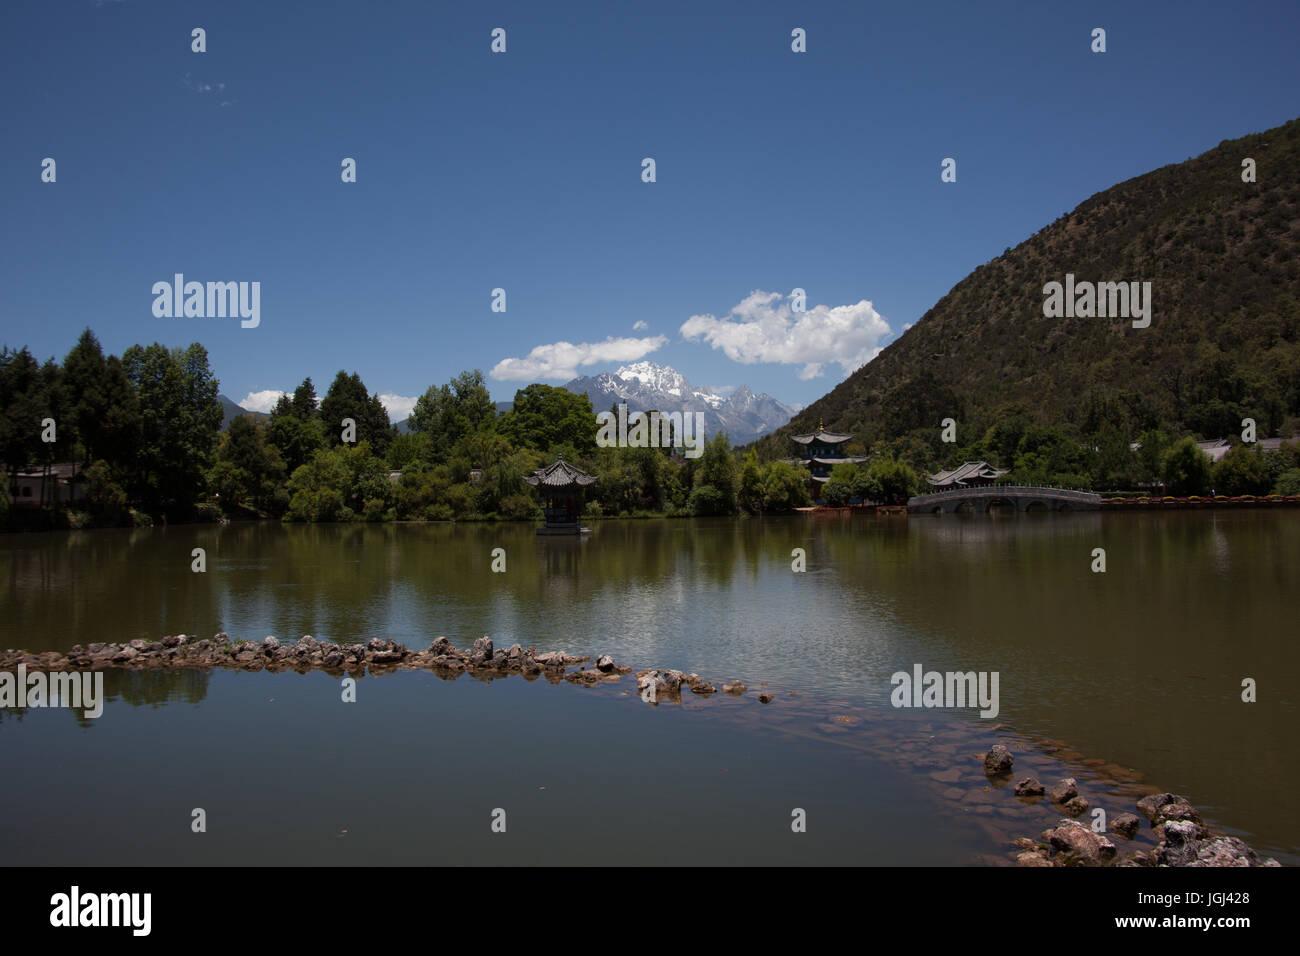 Lijiang, Yunnan, Kunming, China. Heritage village, living and landscapes - Stock Image